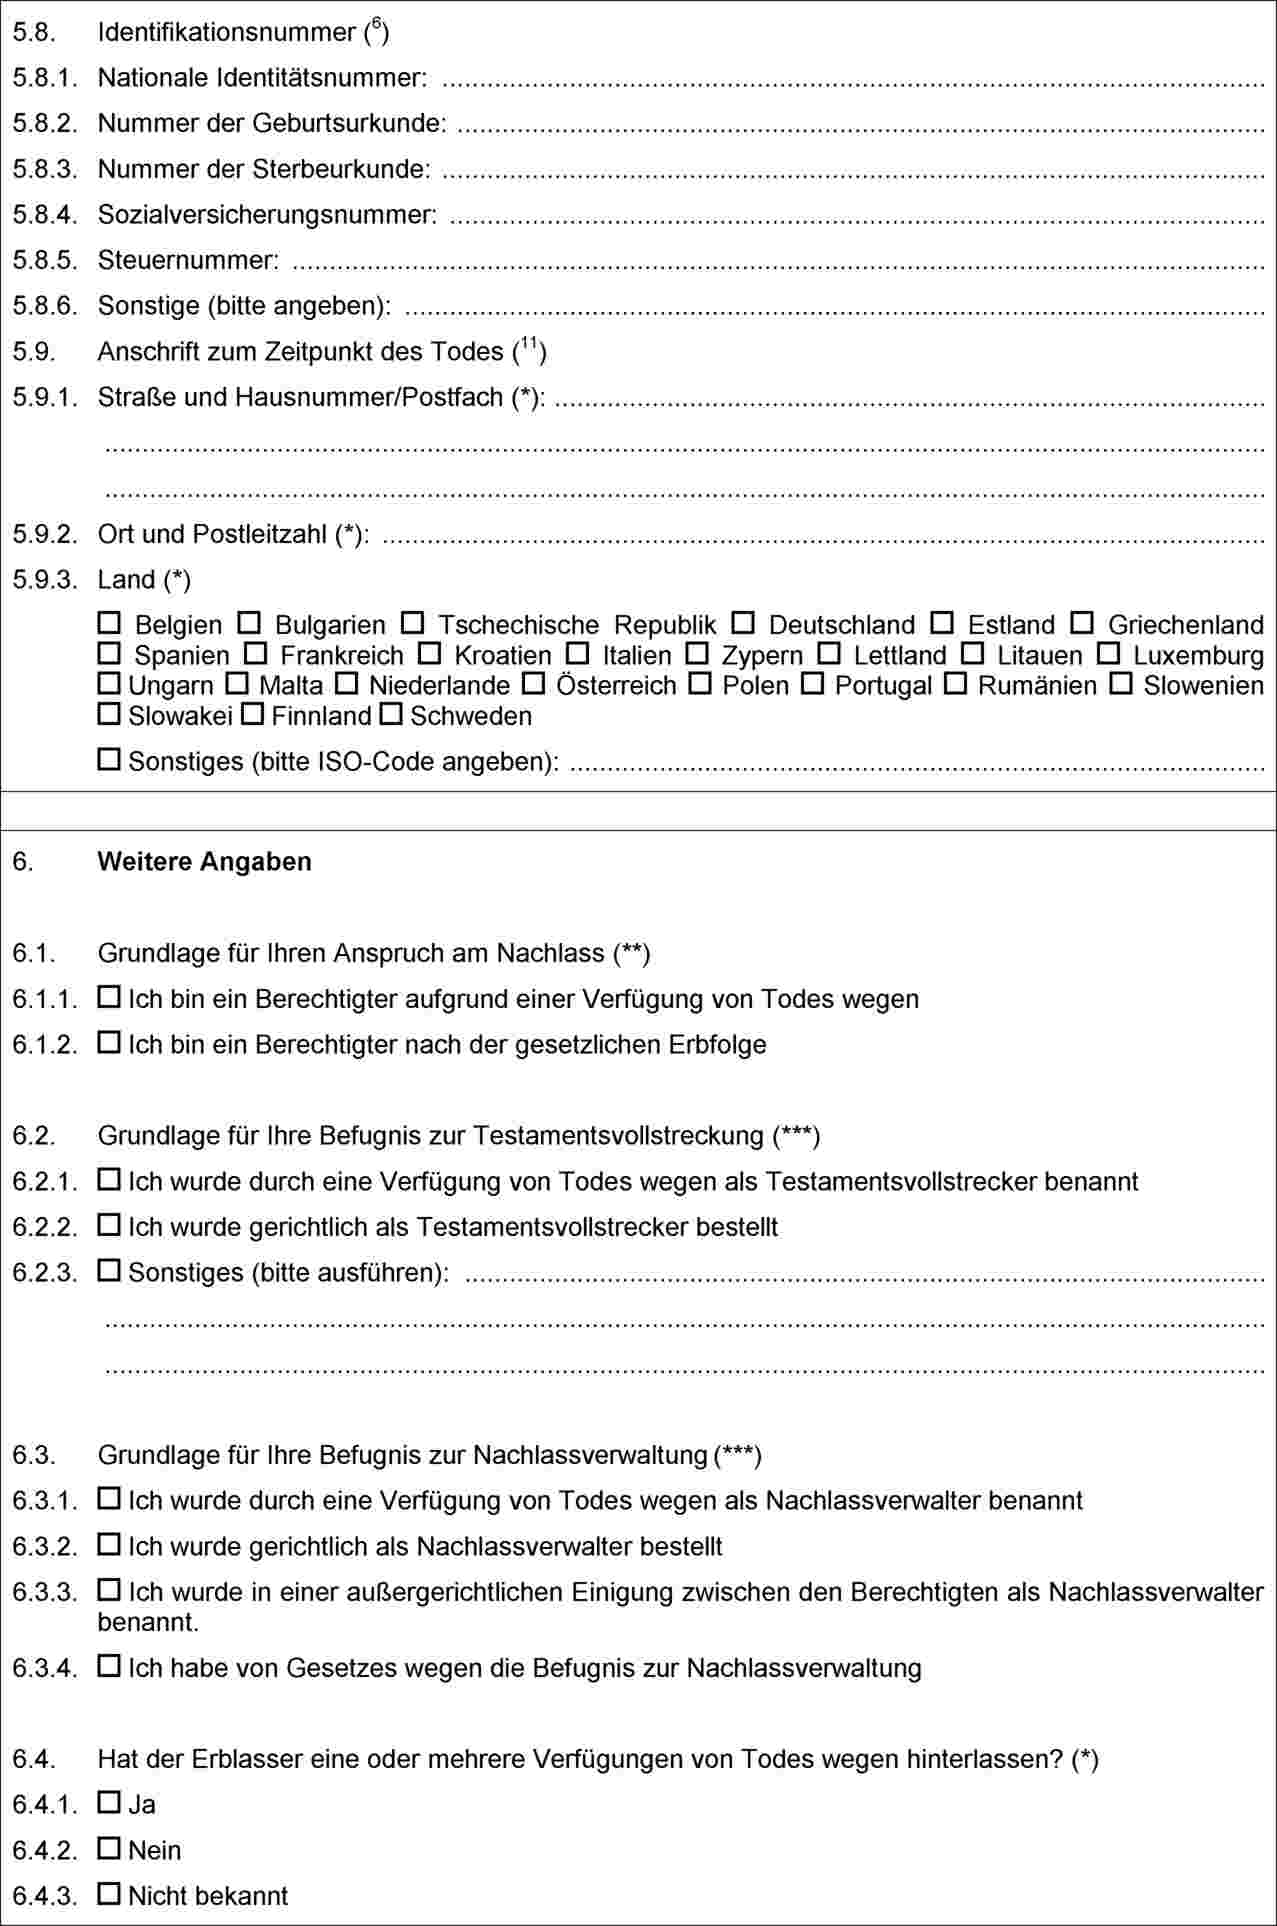 Niedlich Sterbeurkunde Vorlage Wort Fotos - Entry Level Resume ...